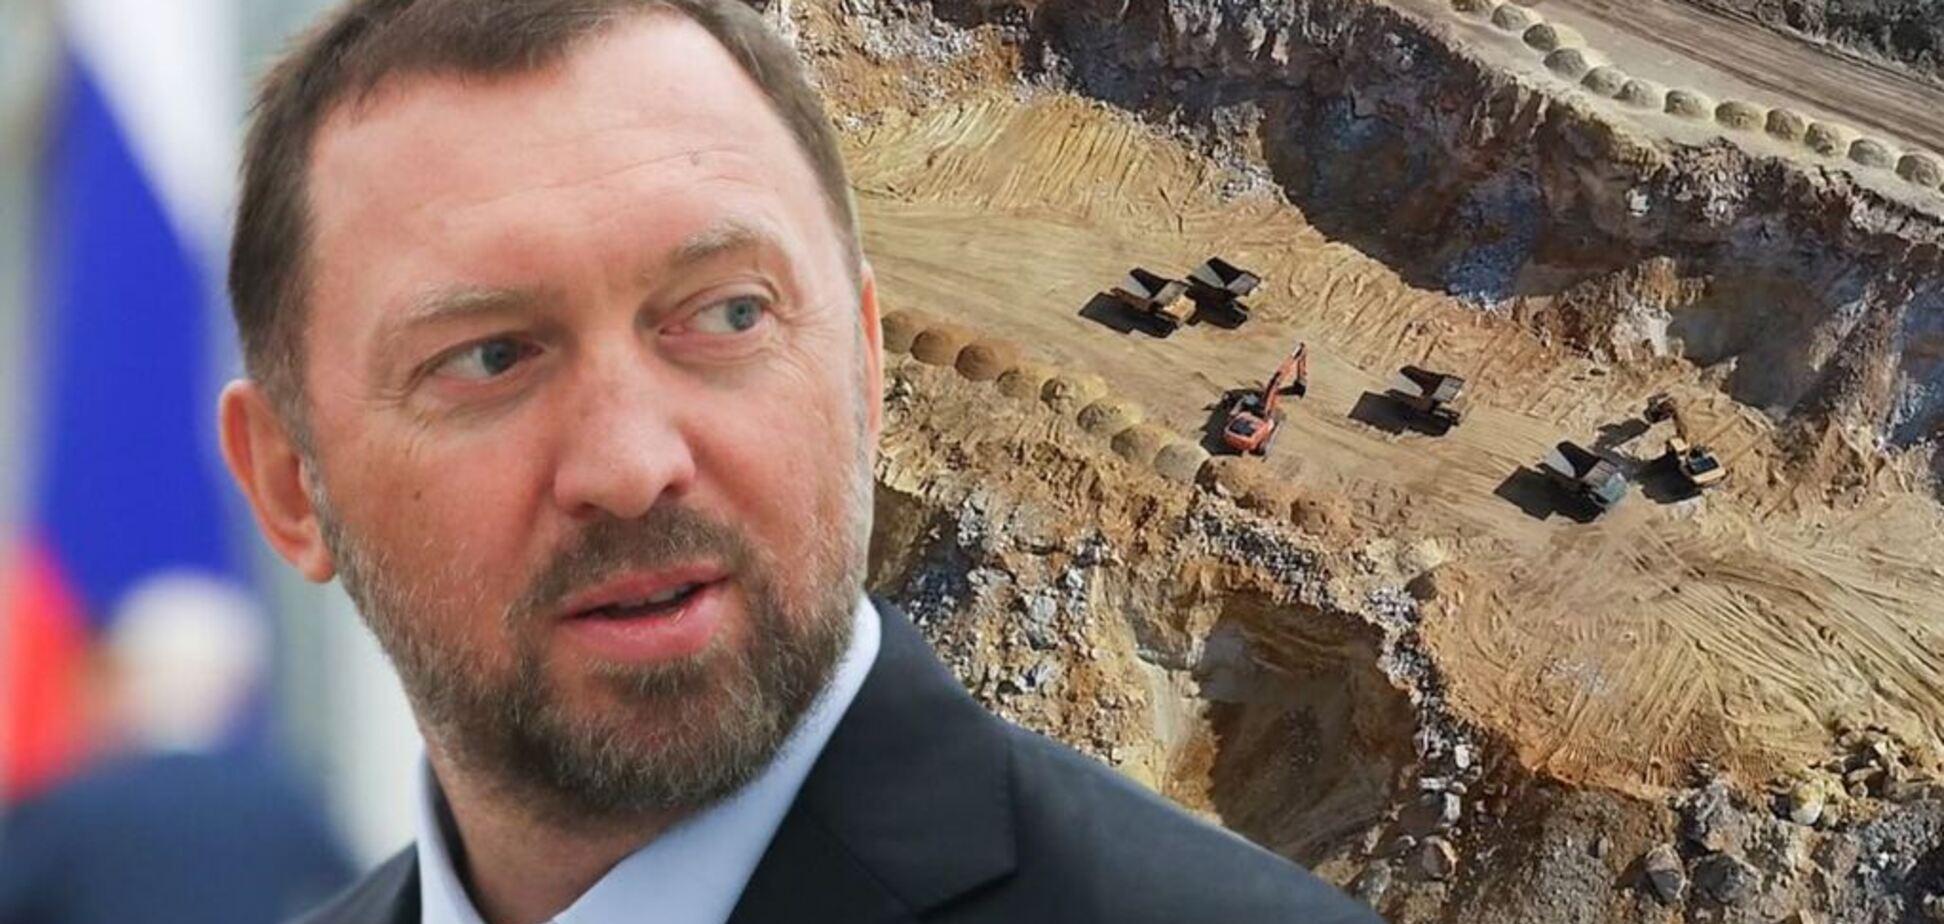 'А тепер скандал': ексдепутат Держдуми розповів, що робити з російським бізнесом в Україні